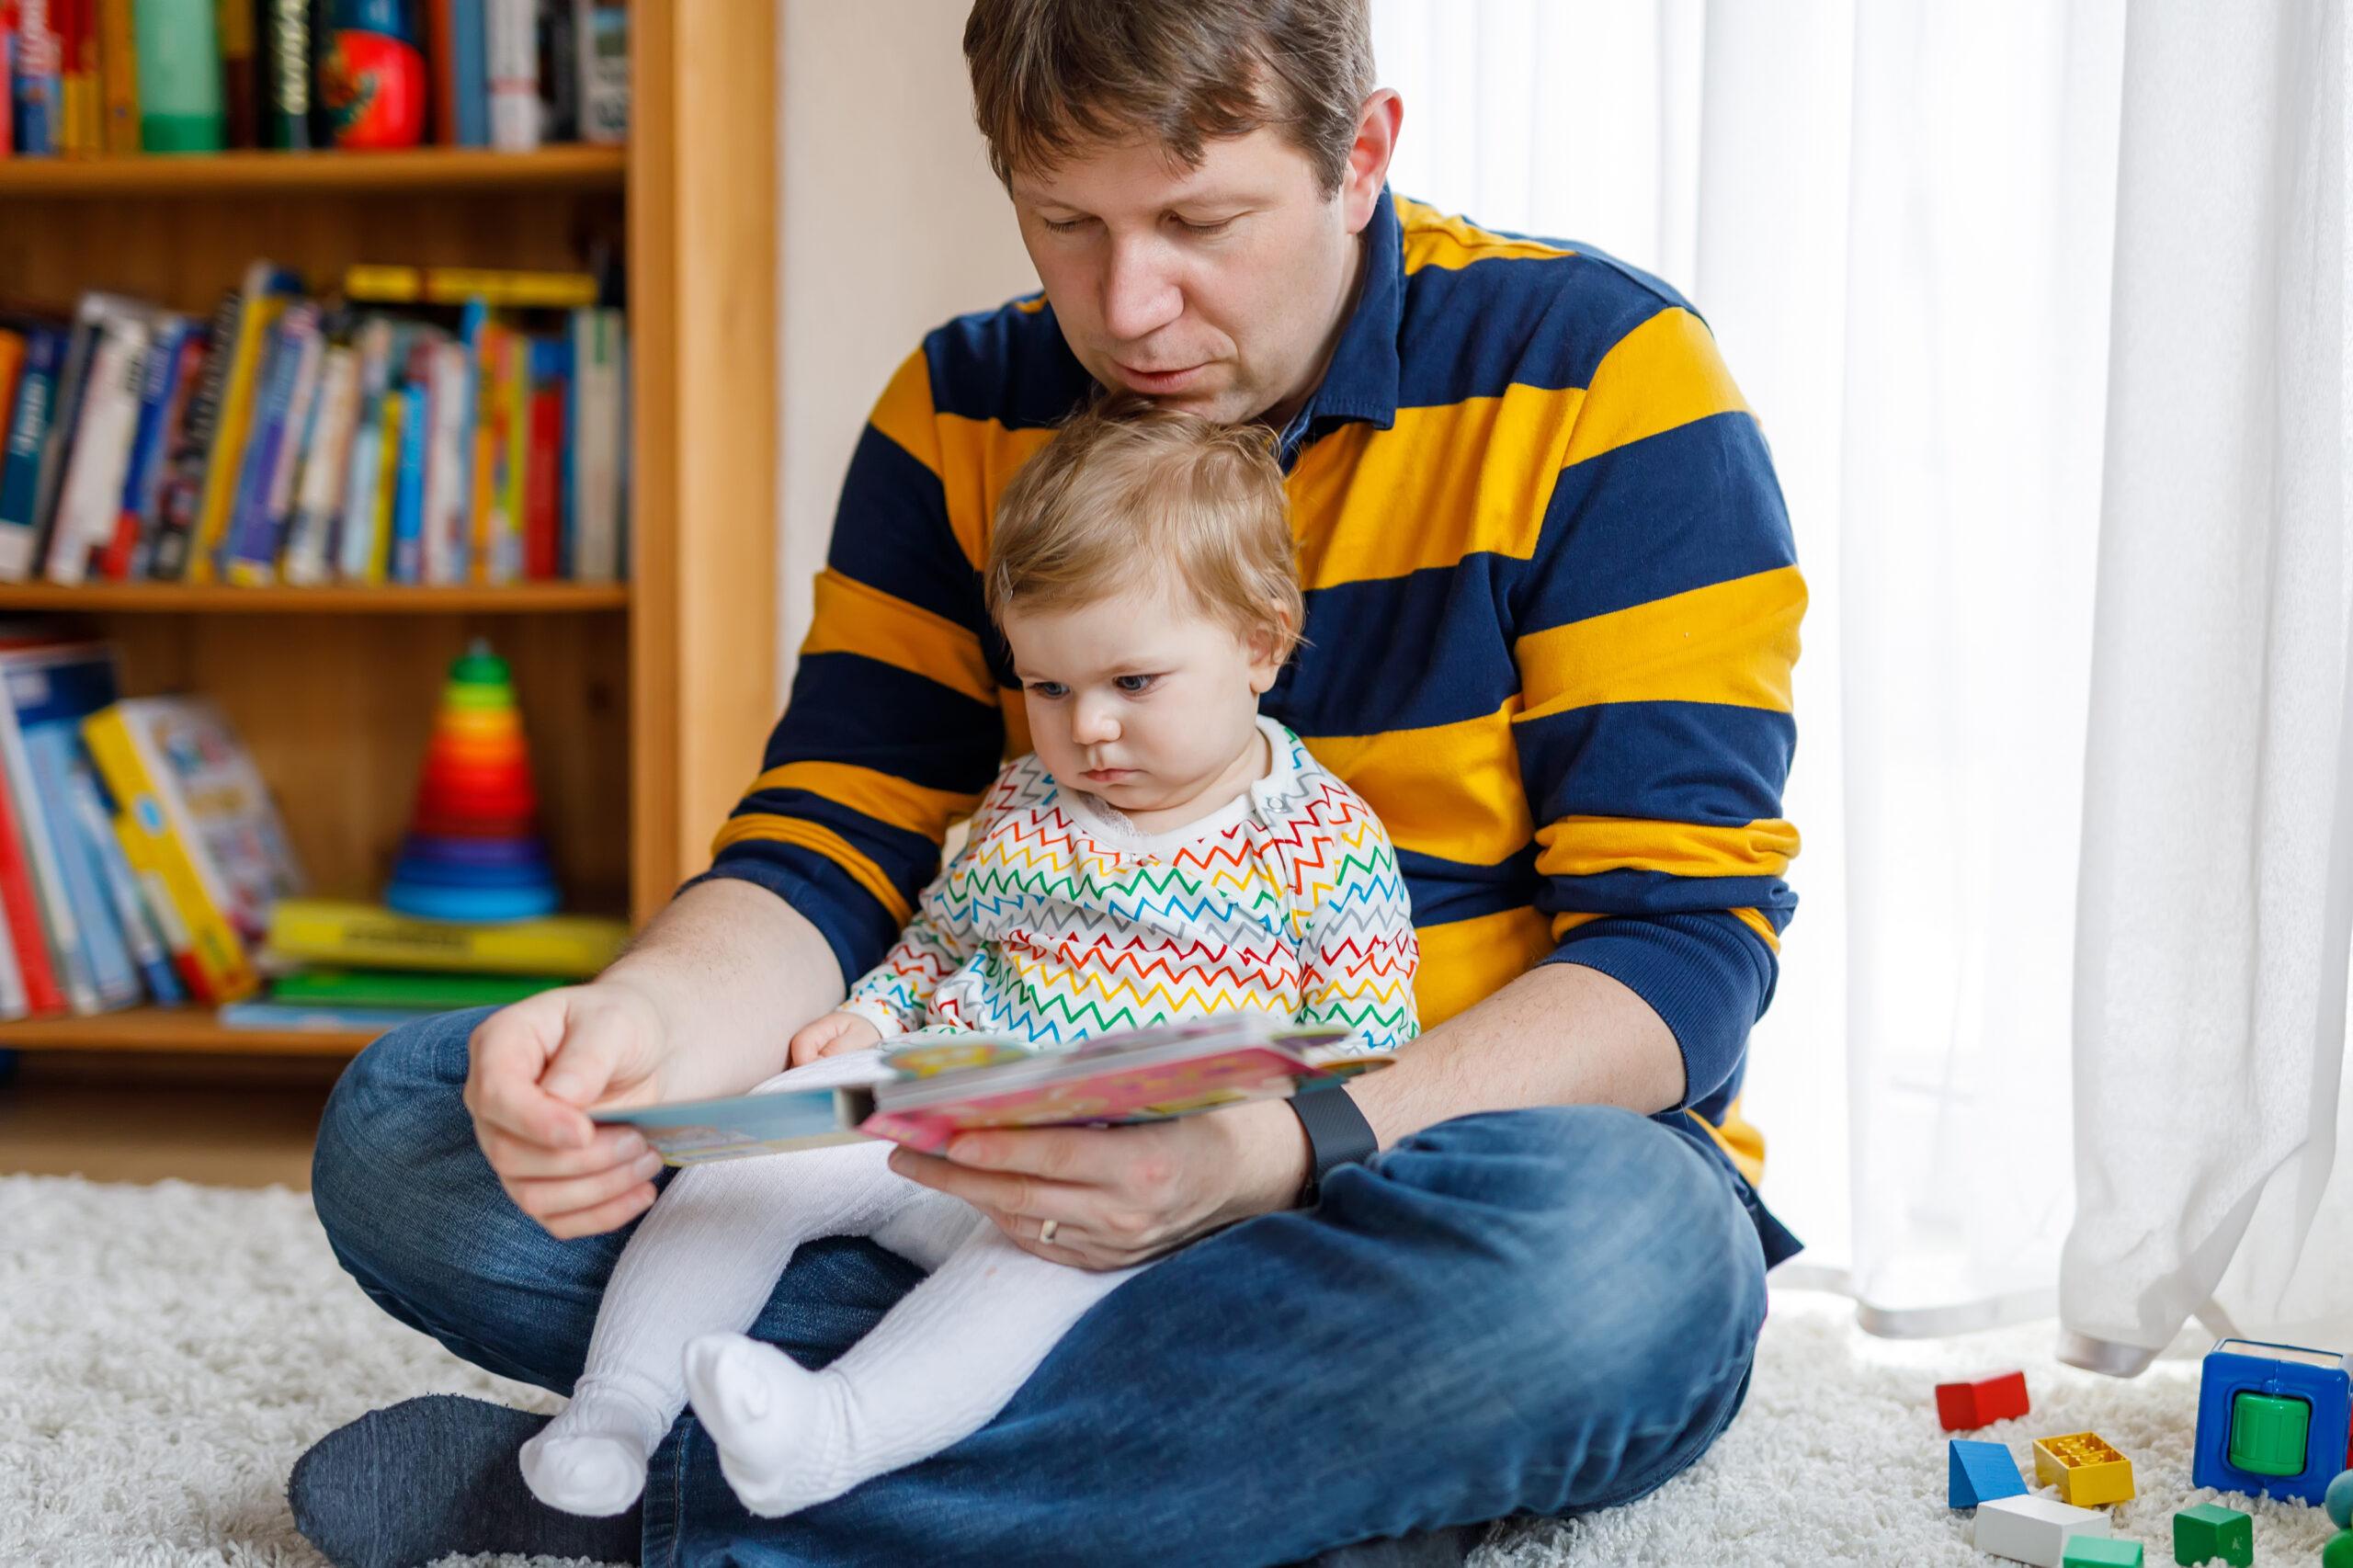 En pappa i randig tröja sitter på golver med sin lilla dotter i knät och läser en bok